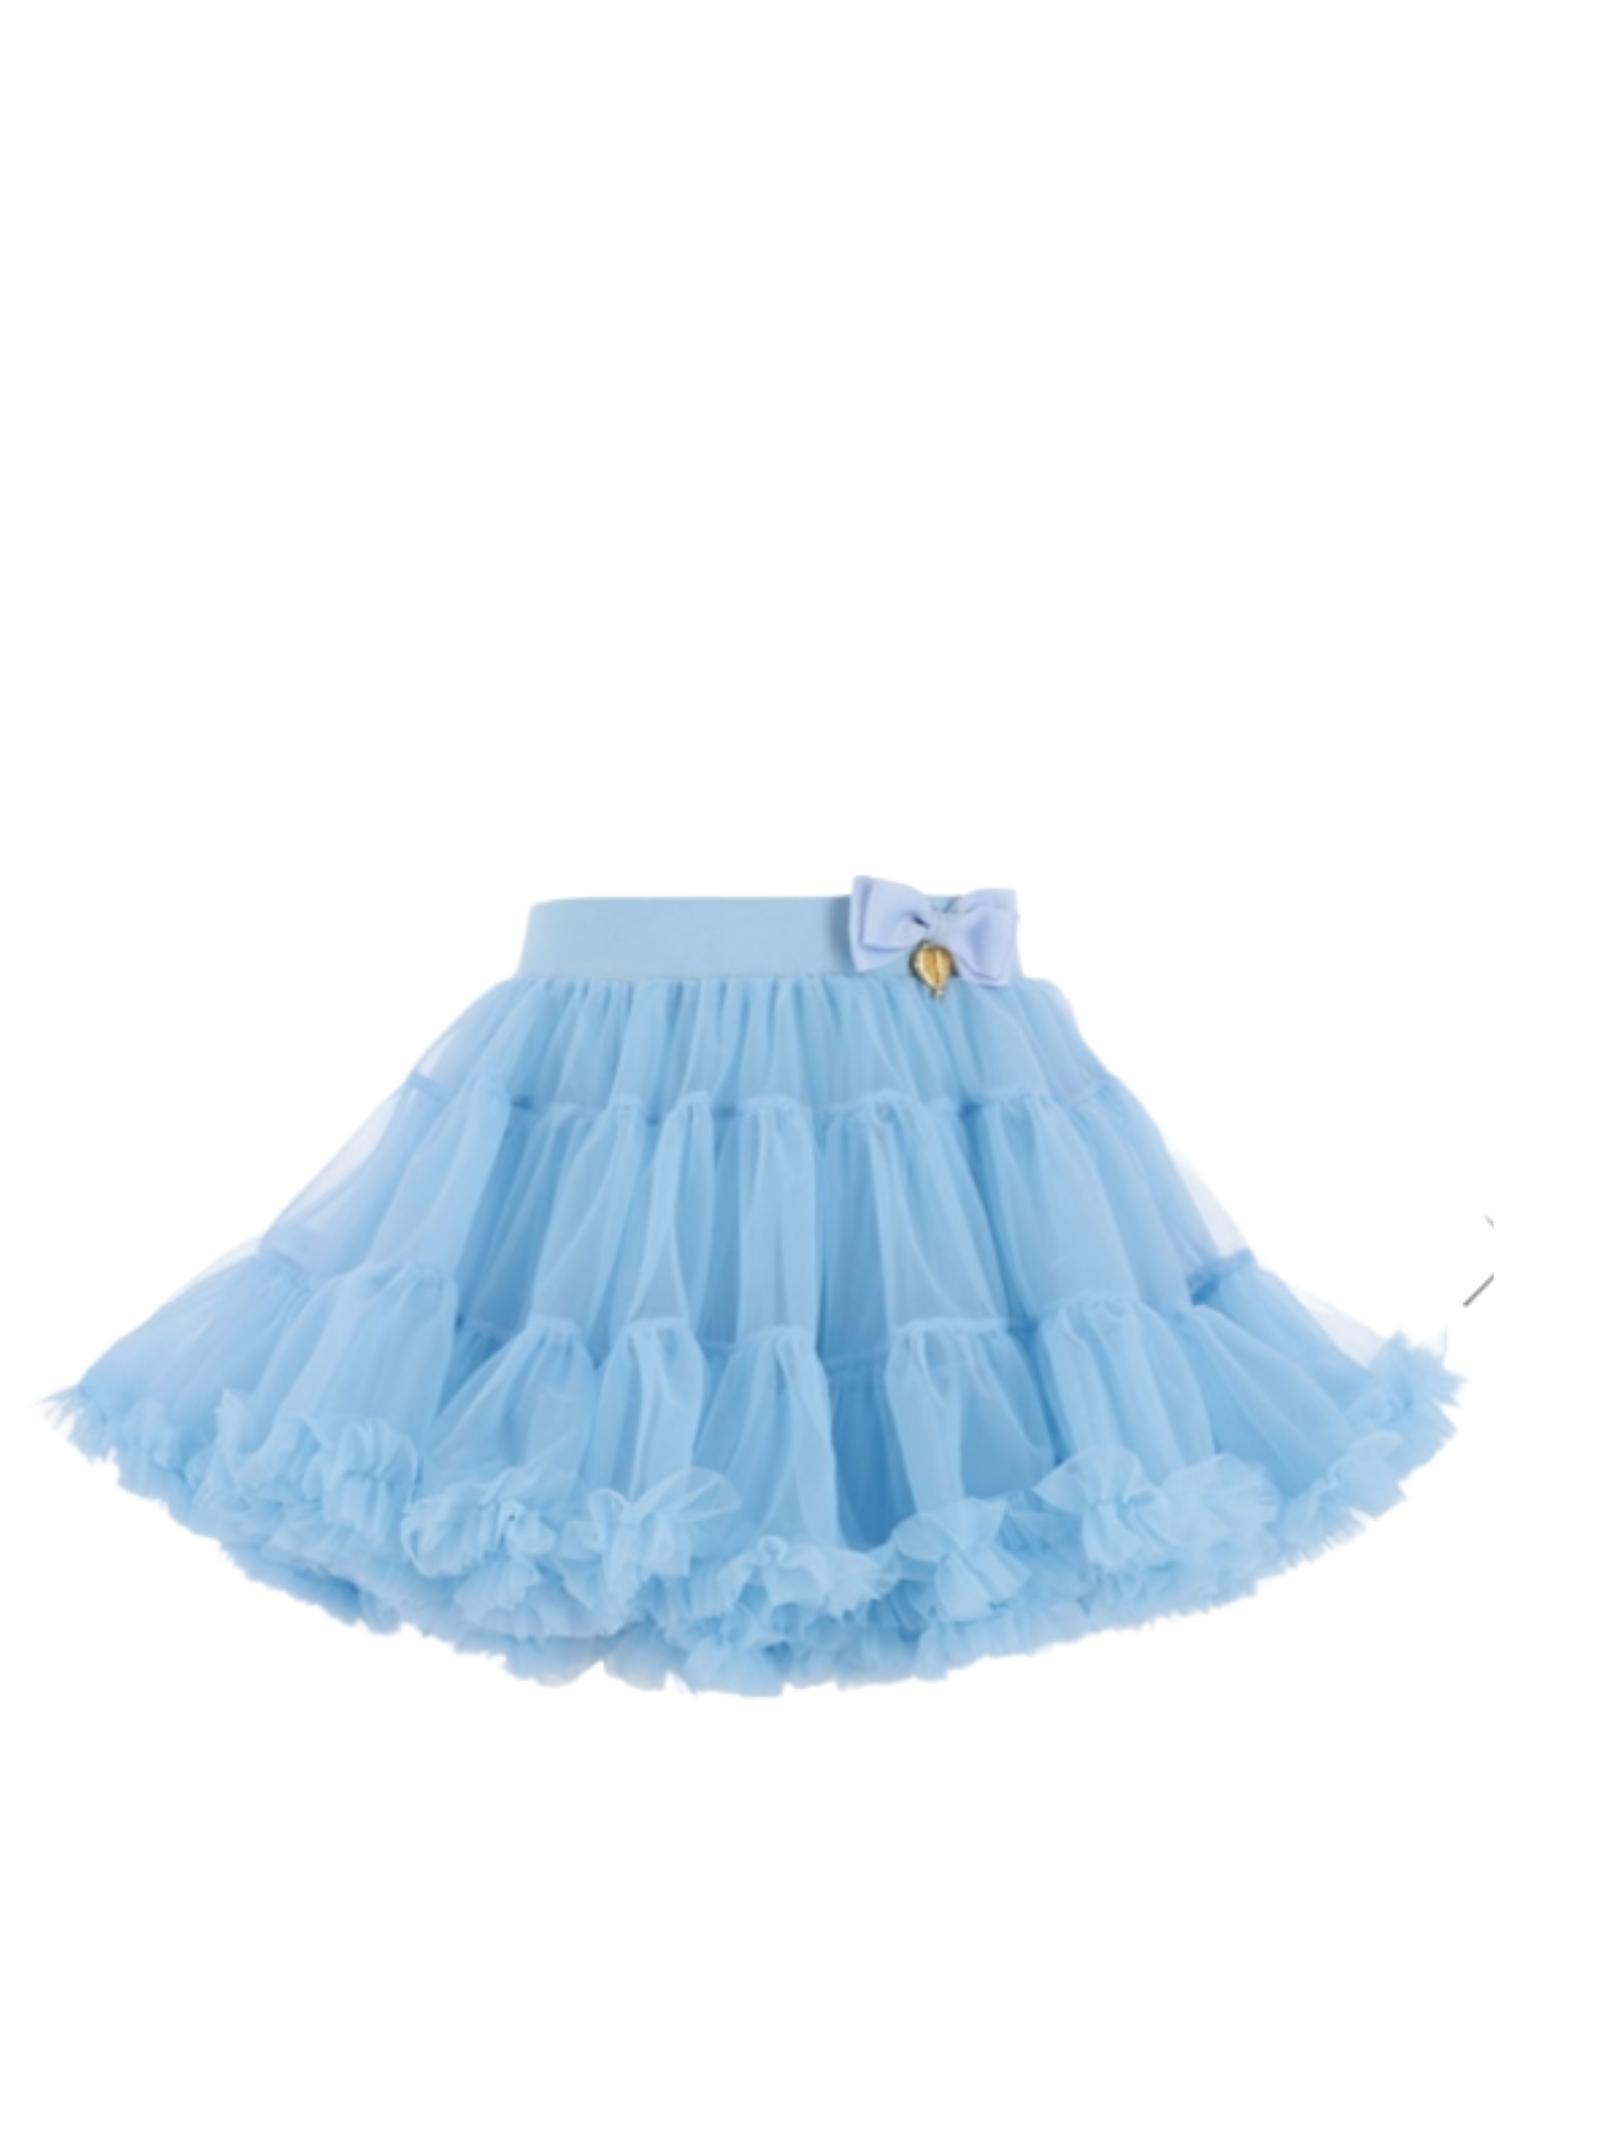 Gonna Bambina Tutu Pixie Baby Blue ANGEL'S FACE | Gonne | PIXIEBABY BLUE